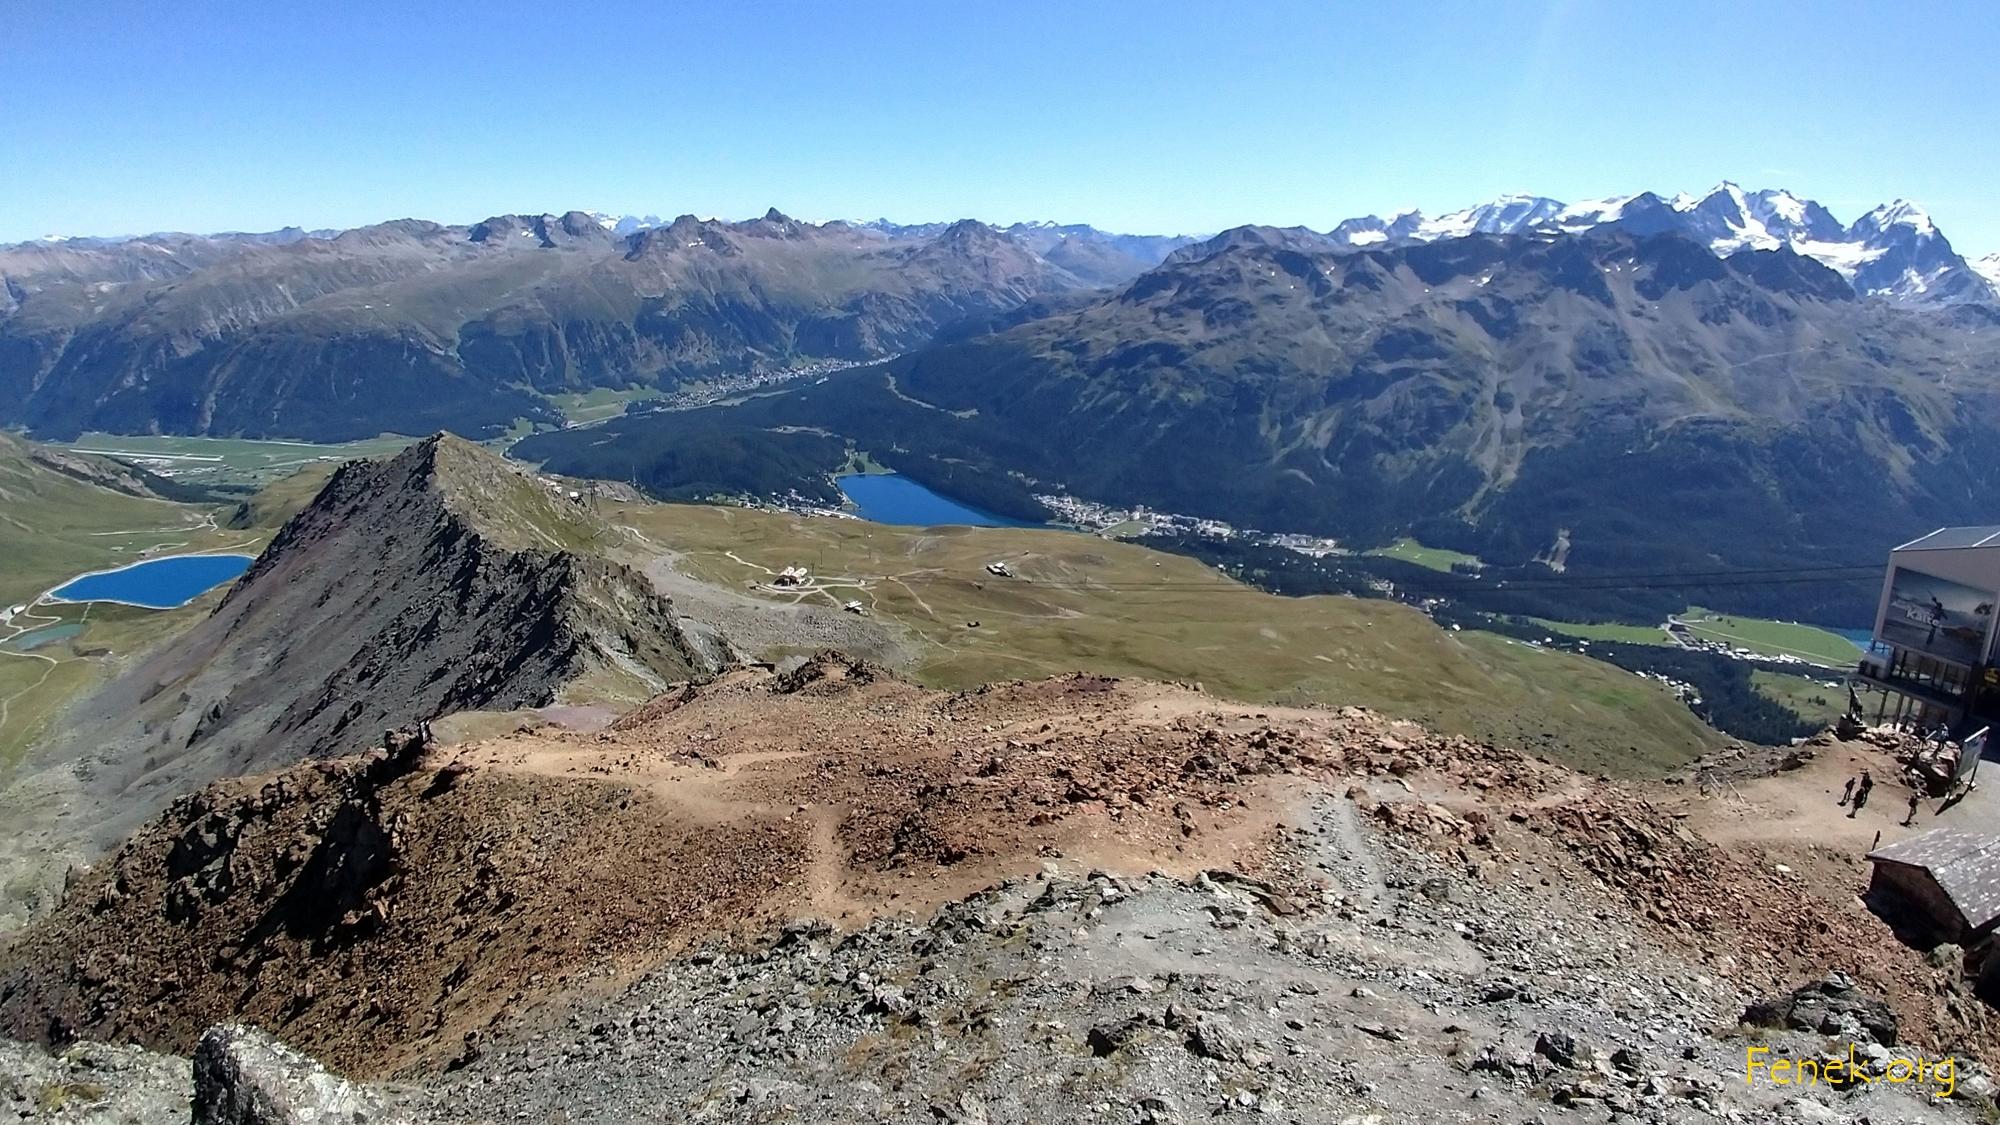 rechts Berninagruppe - vorne Piz Nair Cotschen und unten St.Moritz